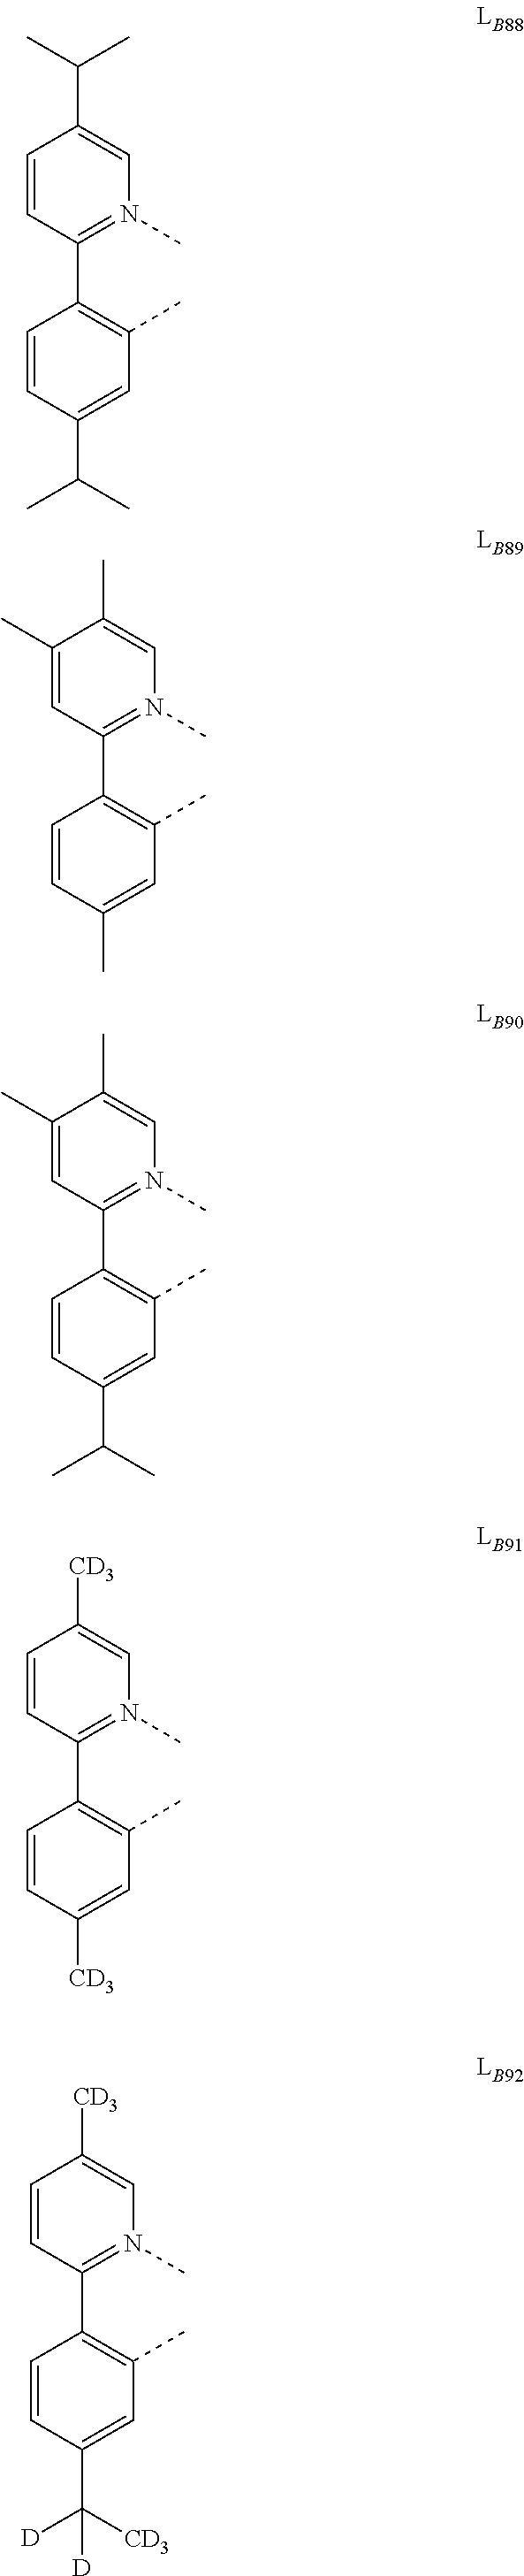 Figure US20180130962A1-20180510-C00276